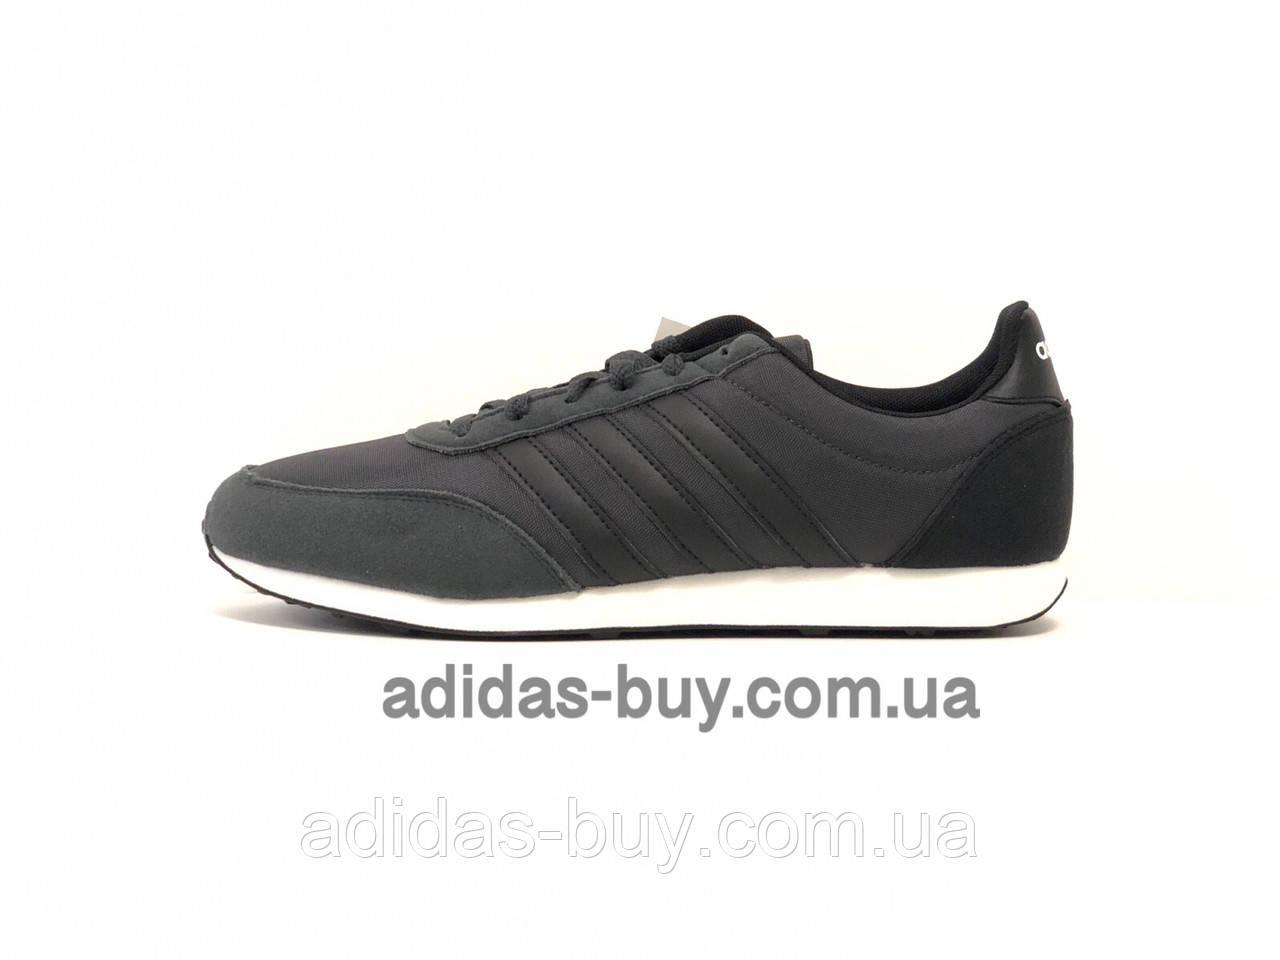 Кроссовки мужские оригинальные adidas V RACER 2.0 артикул B75799 цвет: черный